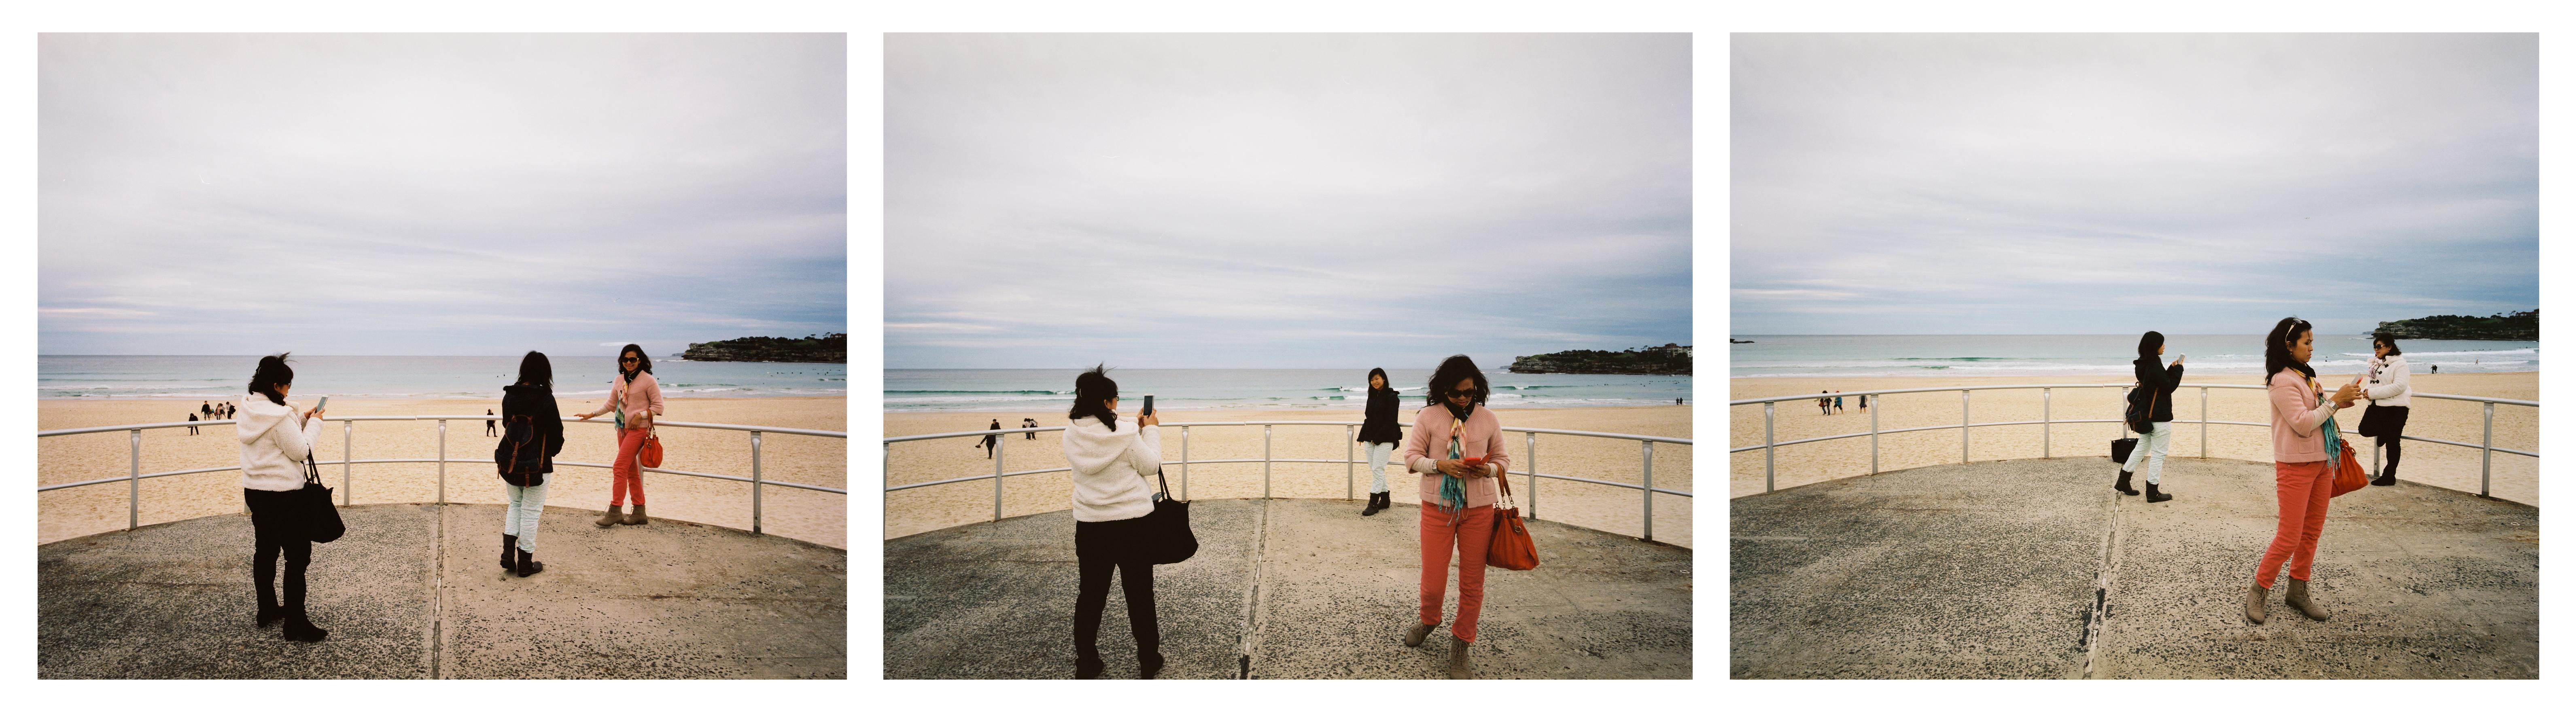 Bondi Beach Posers i, ii & iii